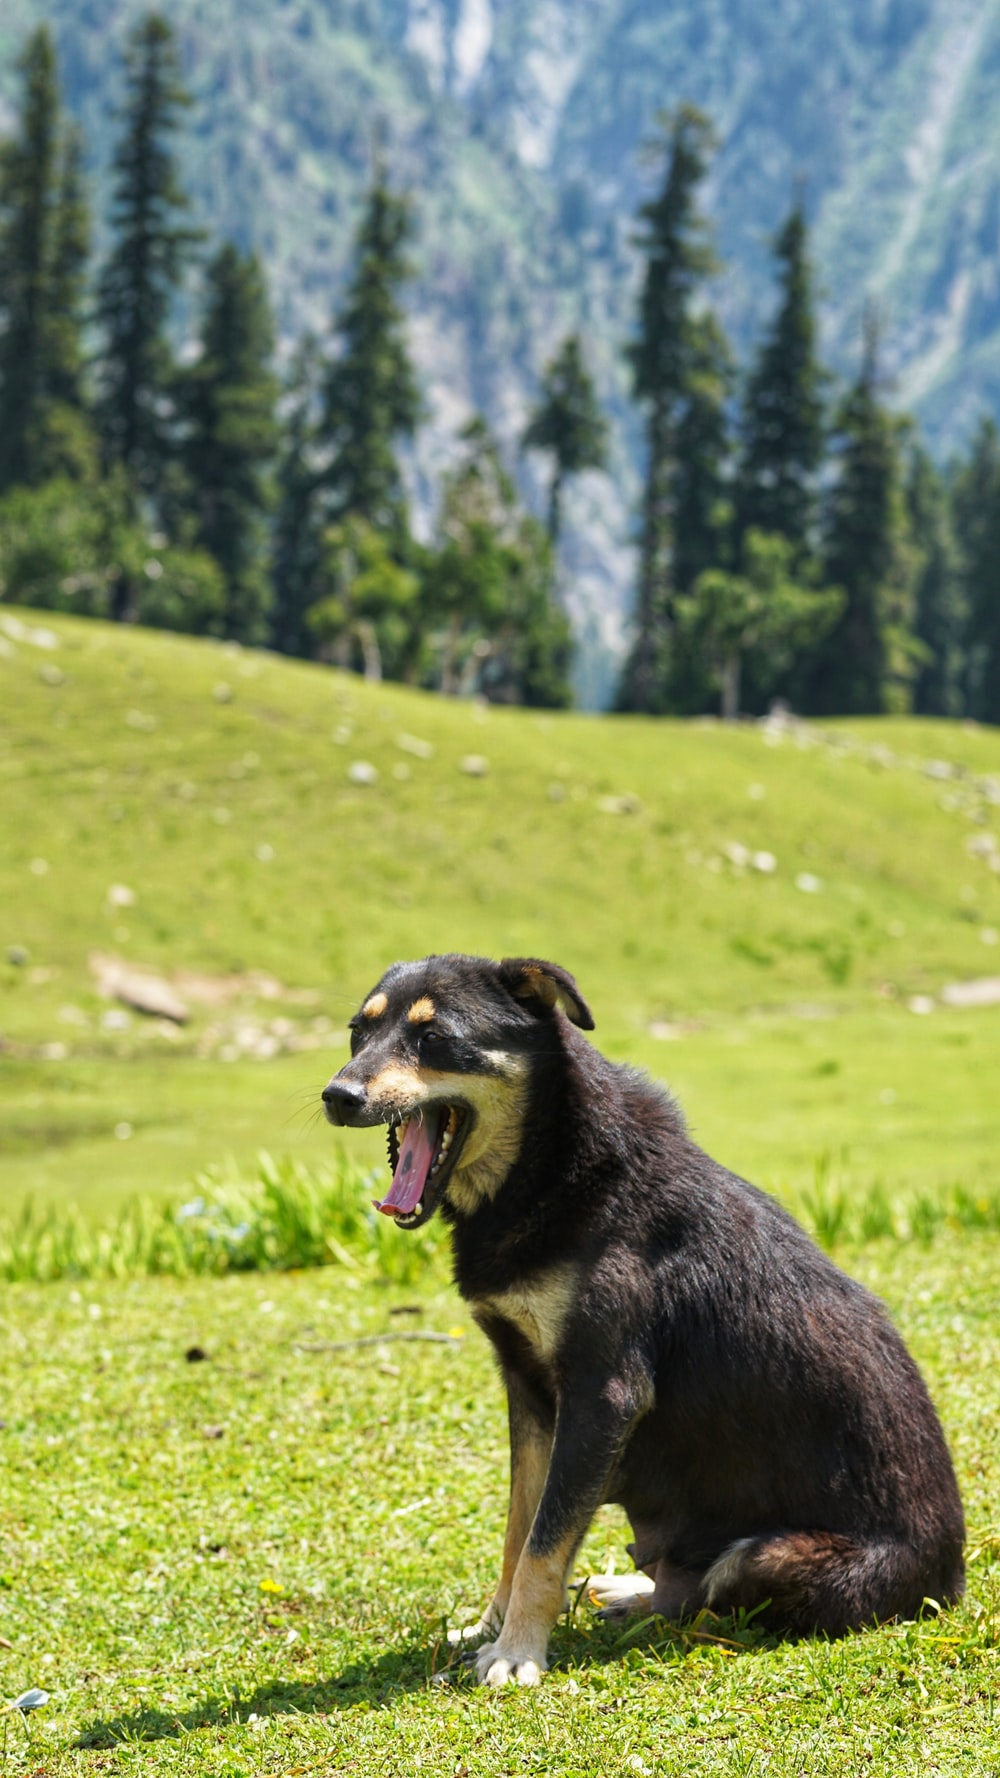 medium-sized dog sitting on lawn